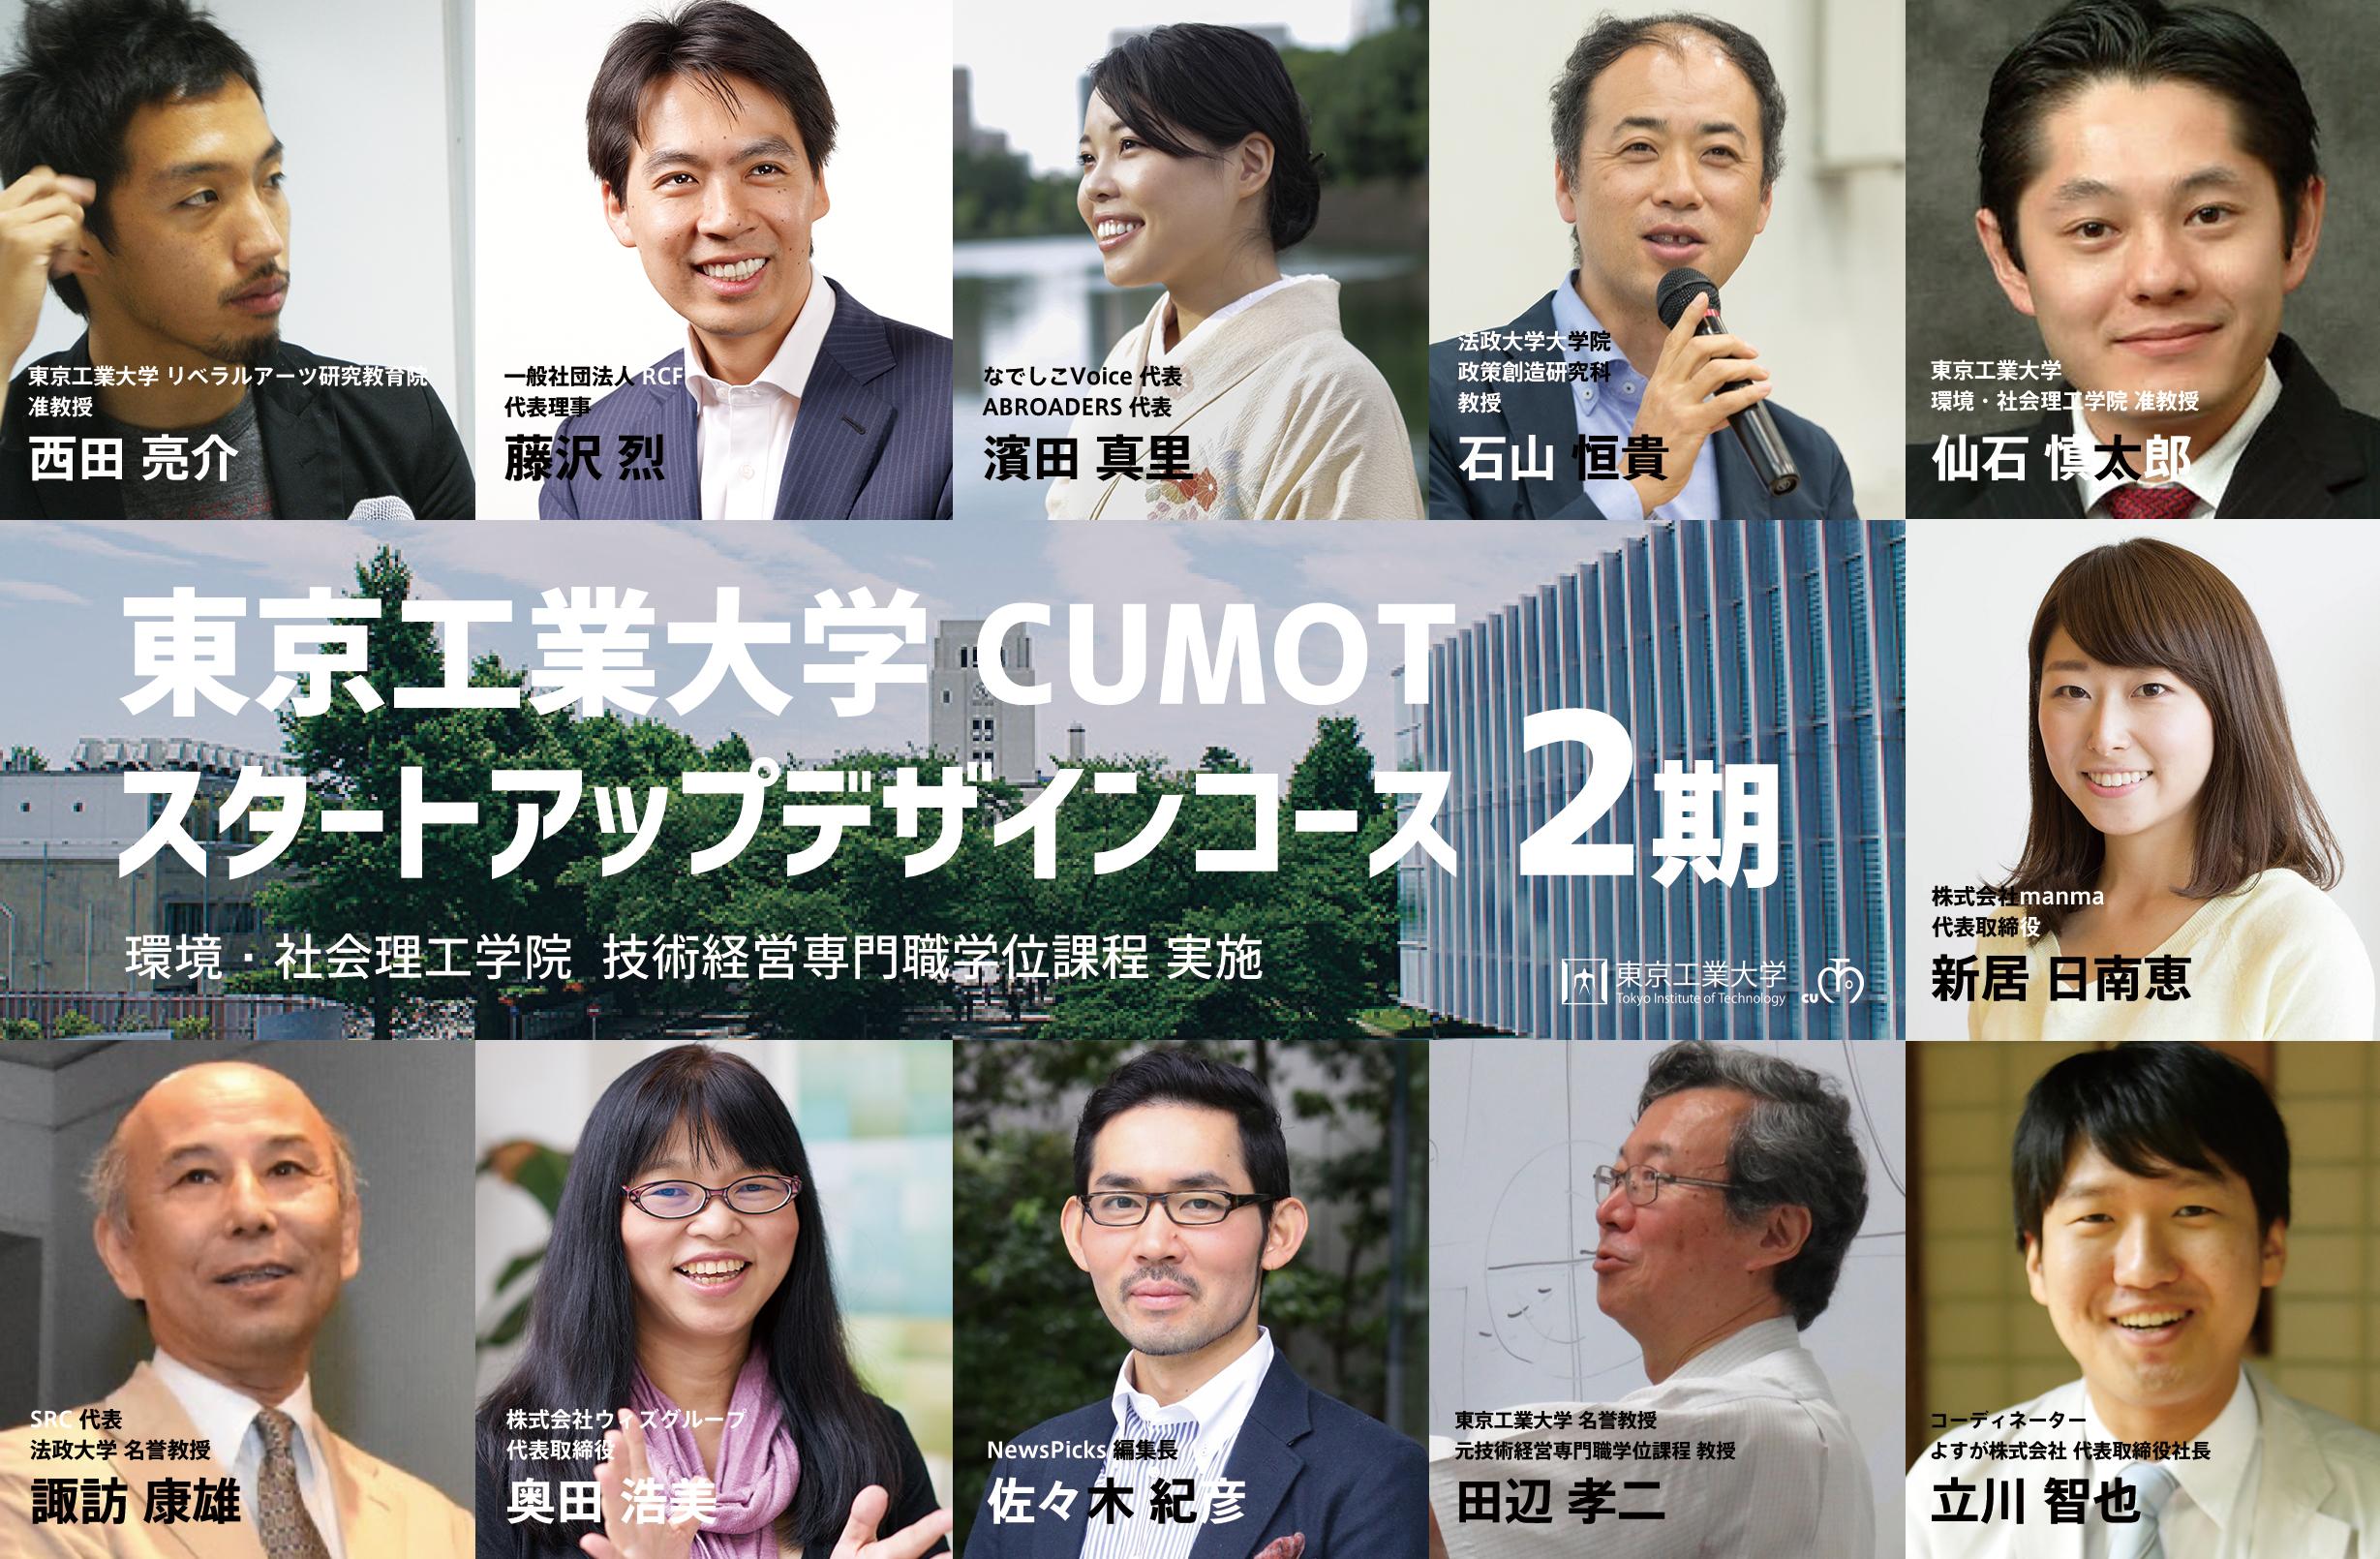 弊社代表の立川がコーディネーターを務めている、東京工業大学の若手社会人向けプログラム「スタートアップデザインコース第2期(全10回)」が本年11月より開講いたします。